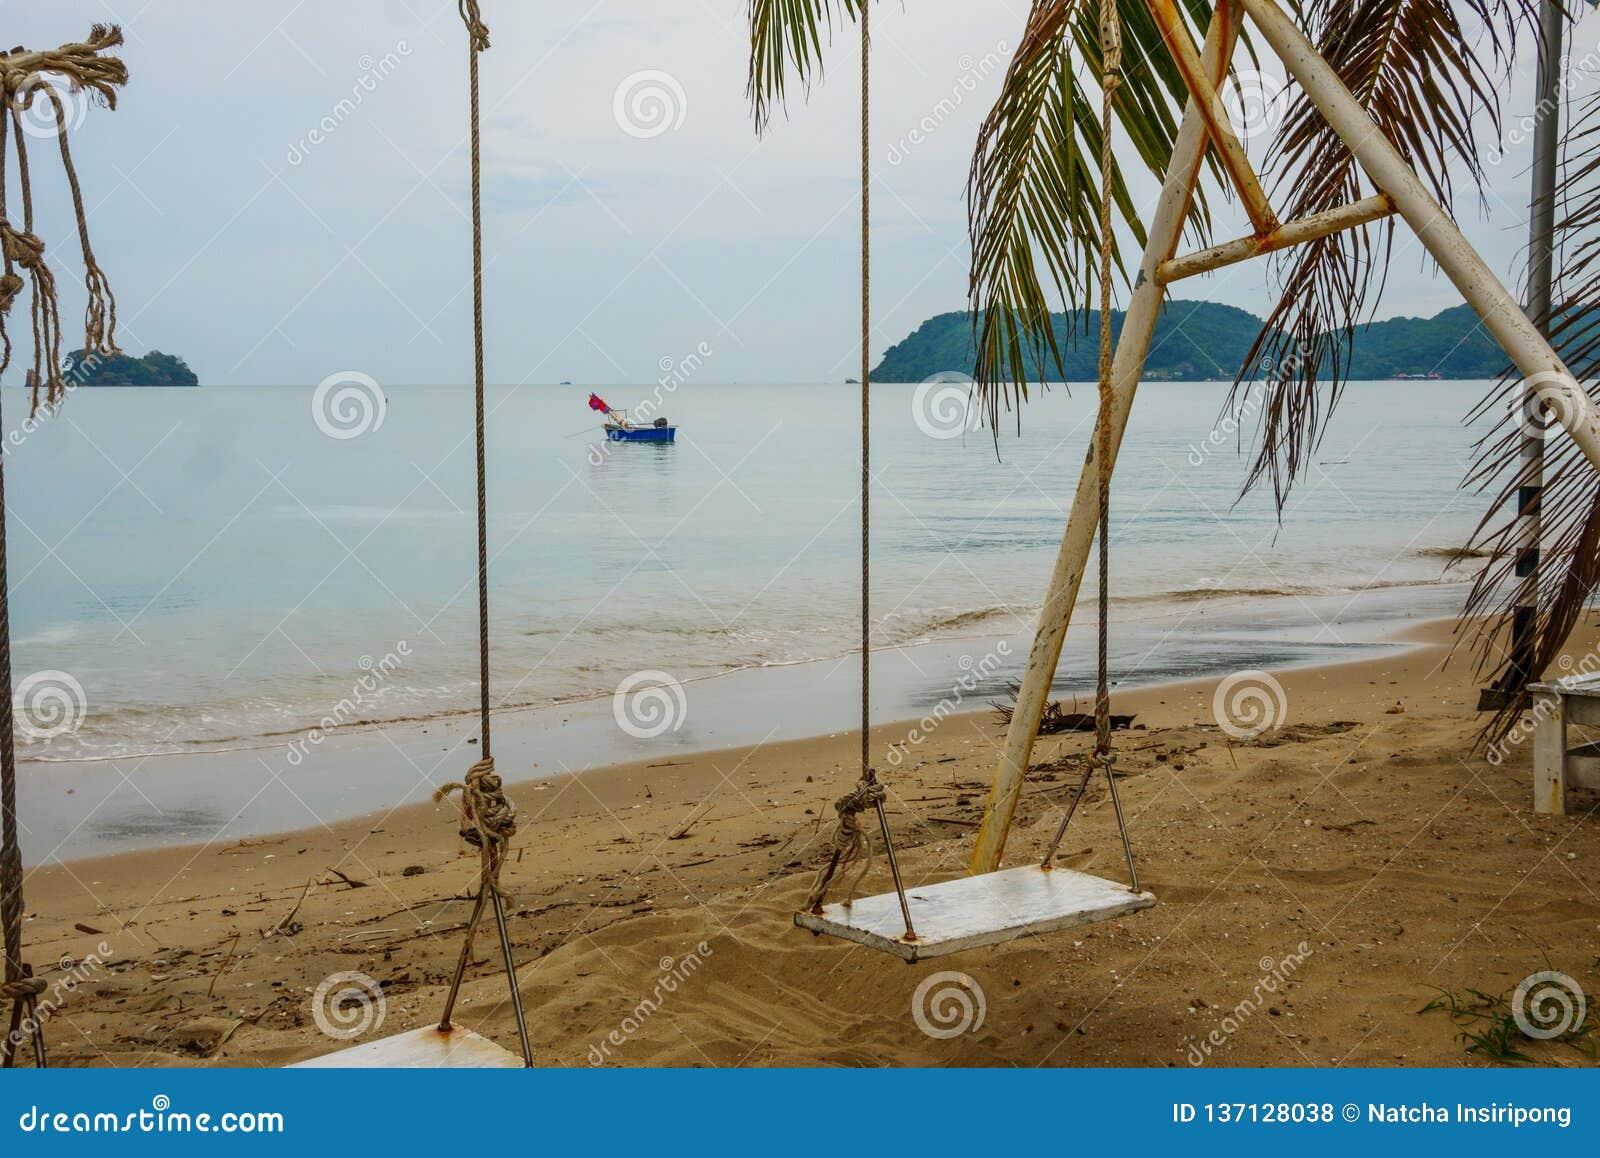 Όμορφη και ειρηνική παραλία σε Chanthaburi, Ταϊλάνδη